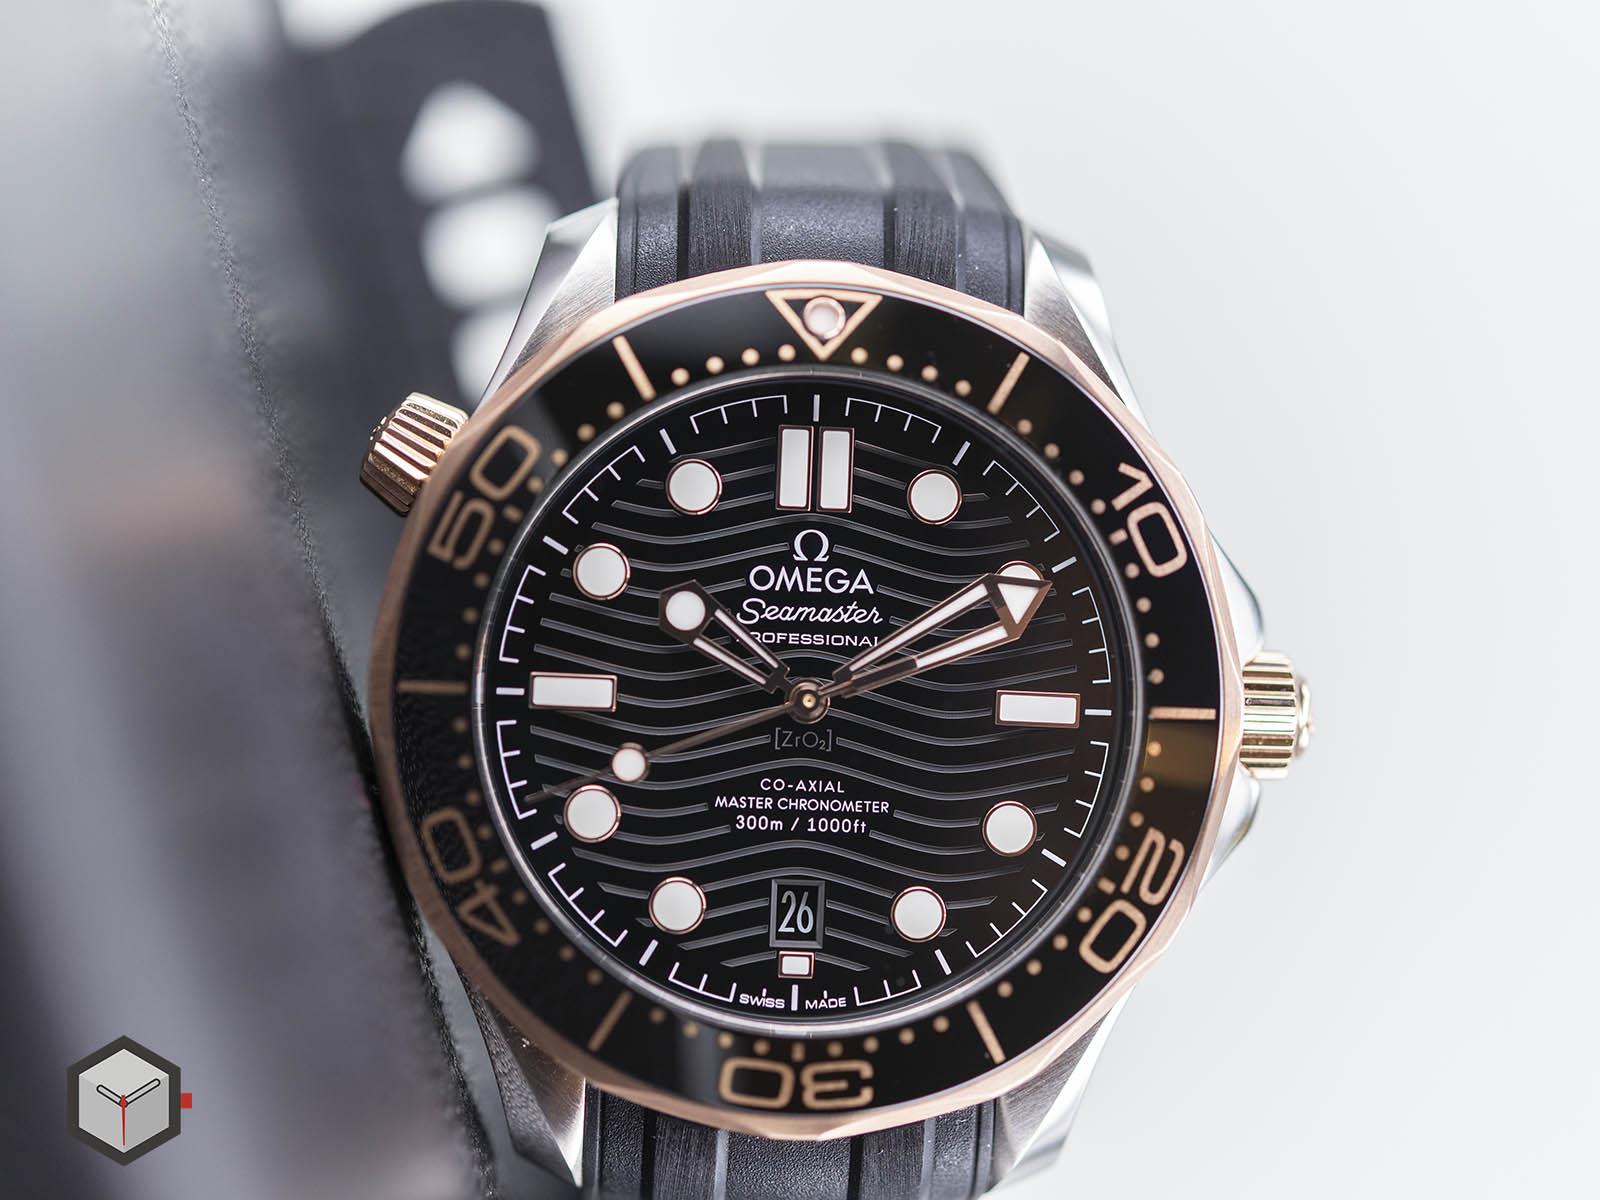 210-22-42-20-01-002-omega-seamaster-diver-300m-42mm-4.jpg